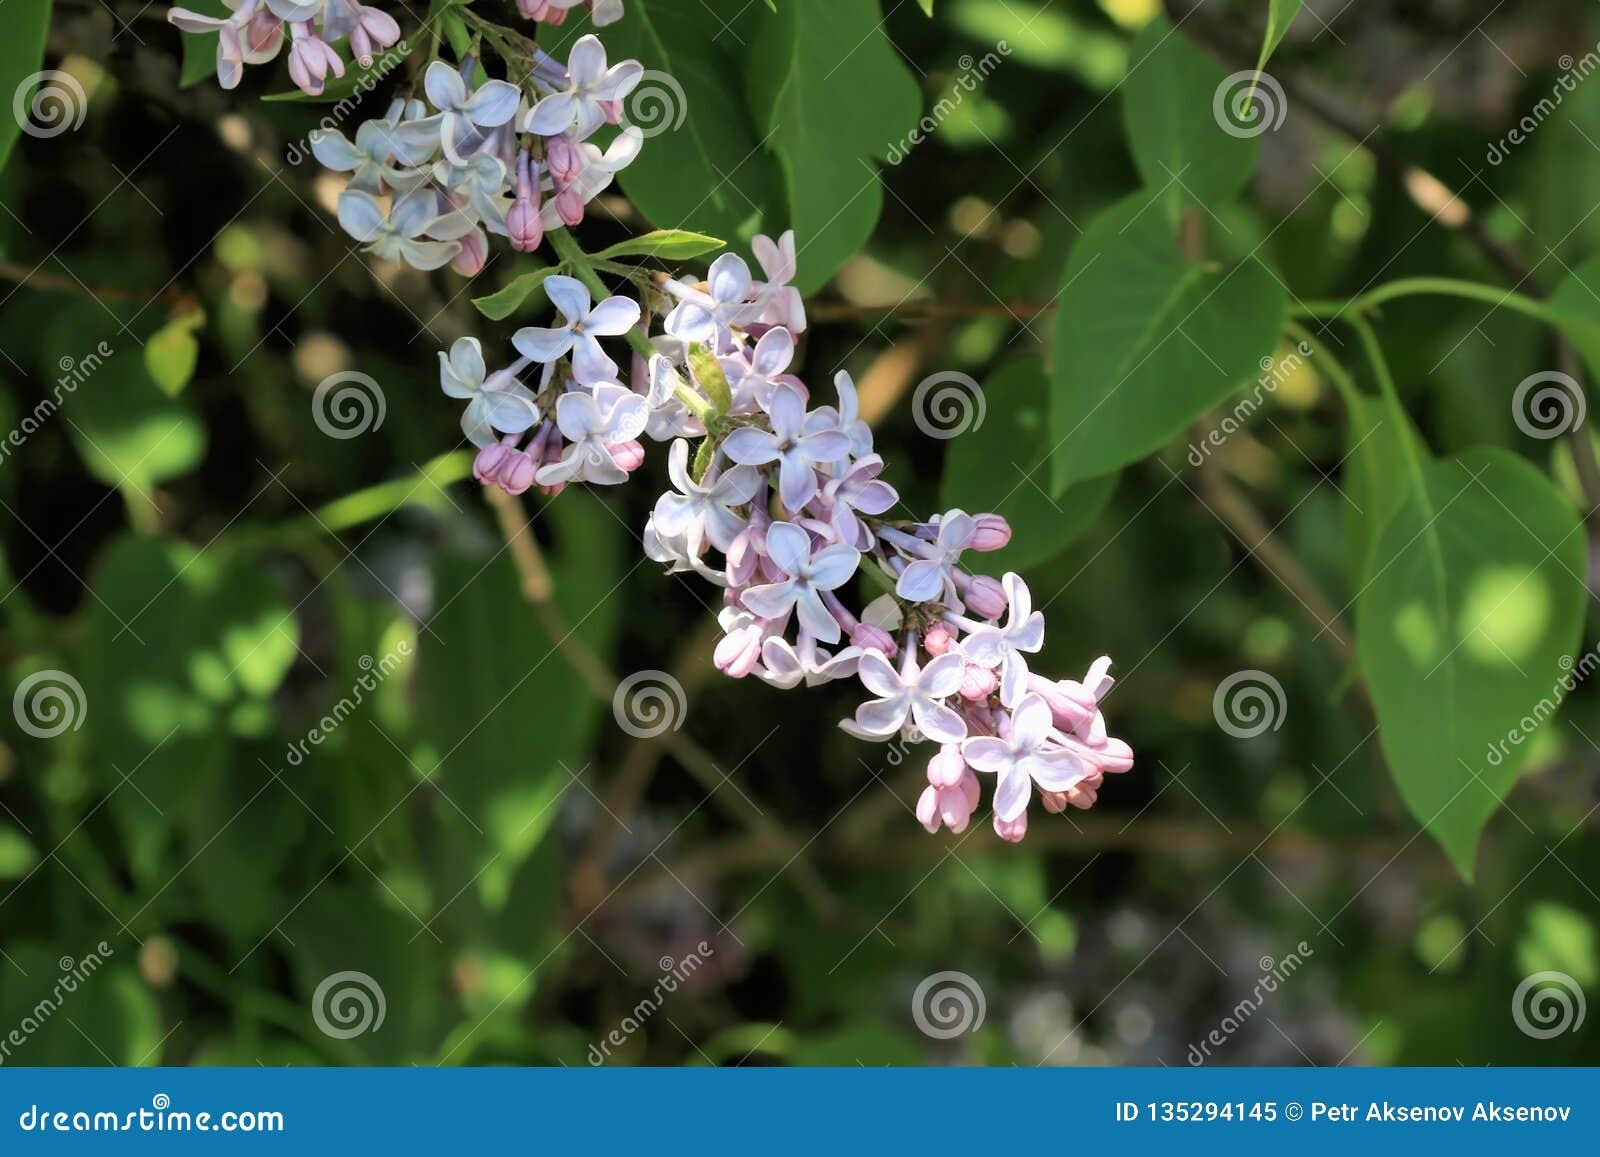 Um ramo do lilás no esforço para sua vida e a planta inteira